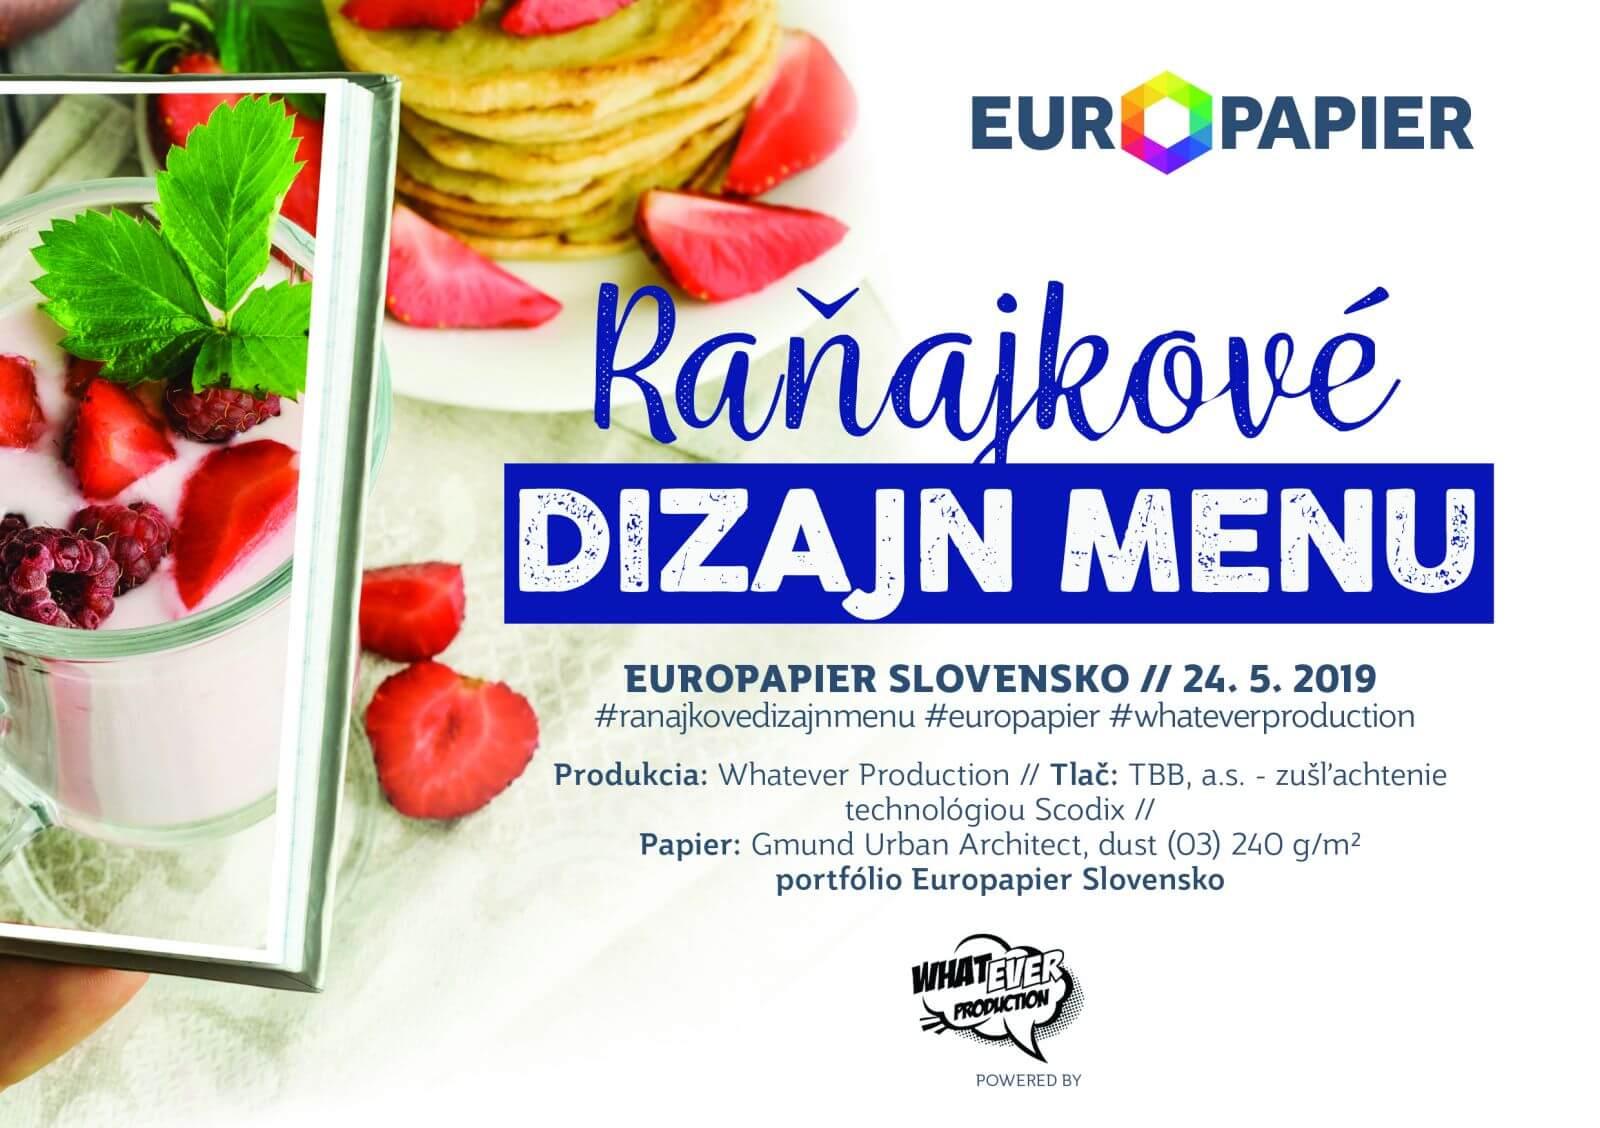 pozvanka mail banner a5 1 - Raňajkové Dizajn MENU – Europapier Slovensko